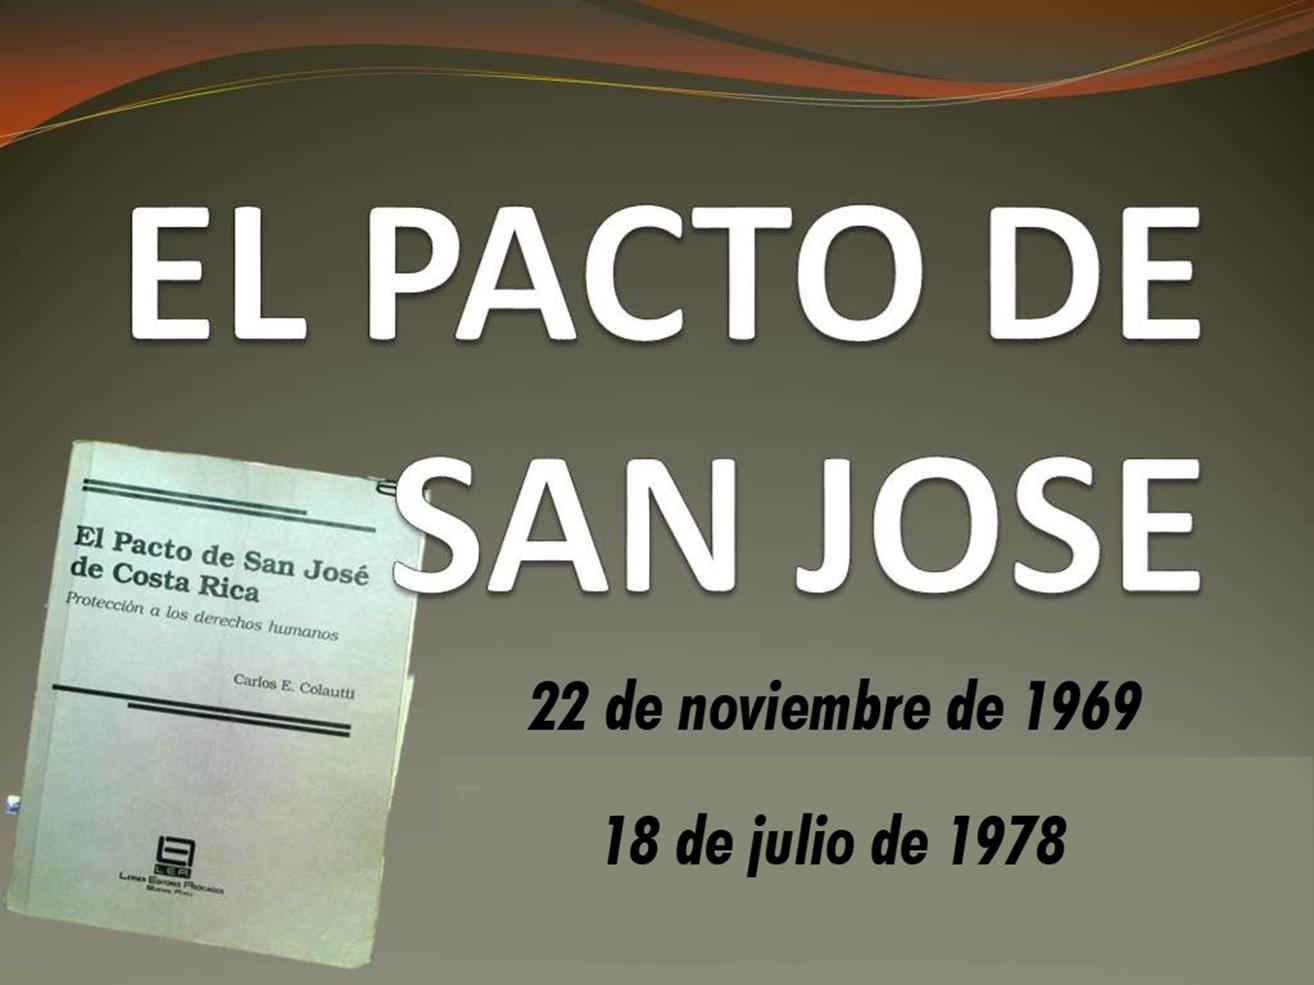 EL PACTO DE SAN JOSÉ